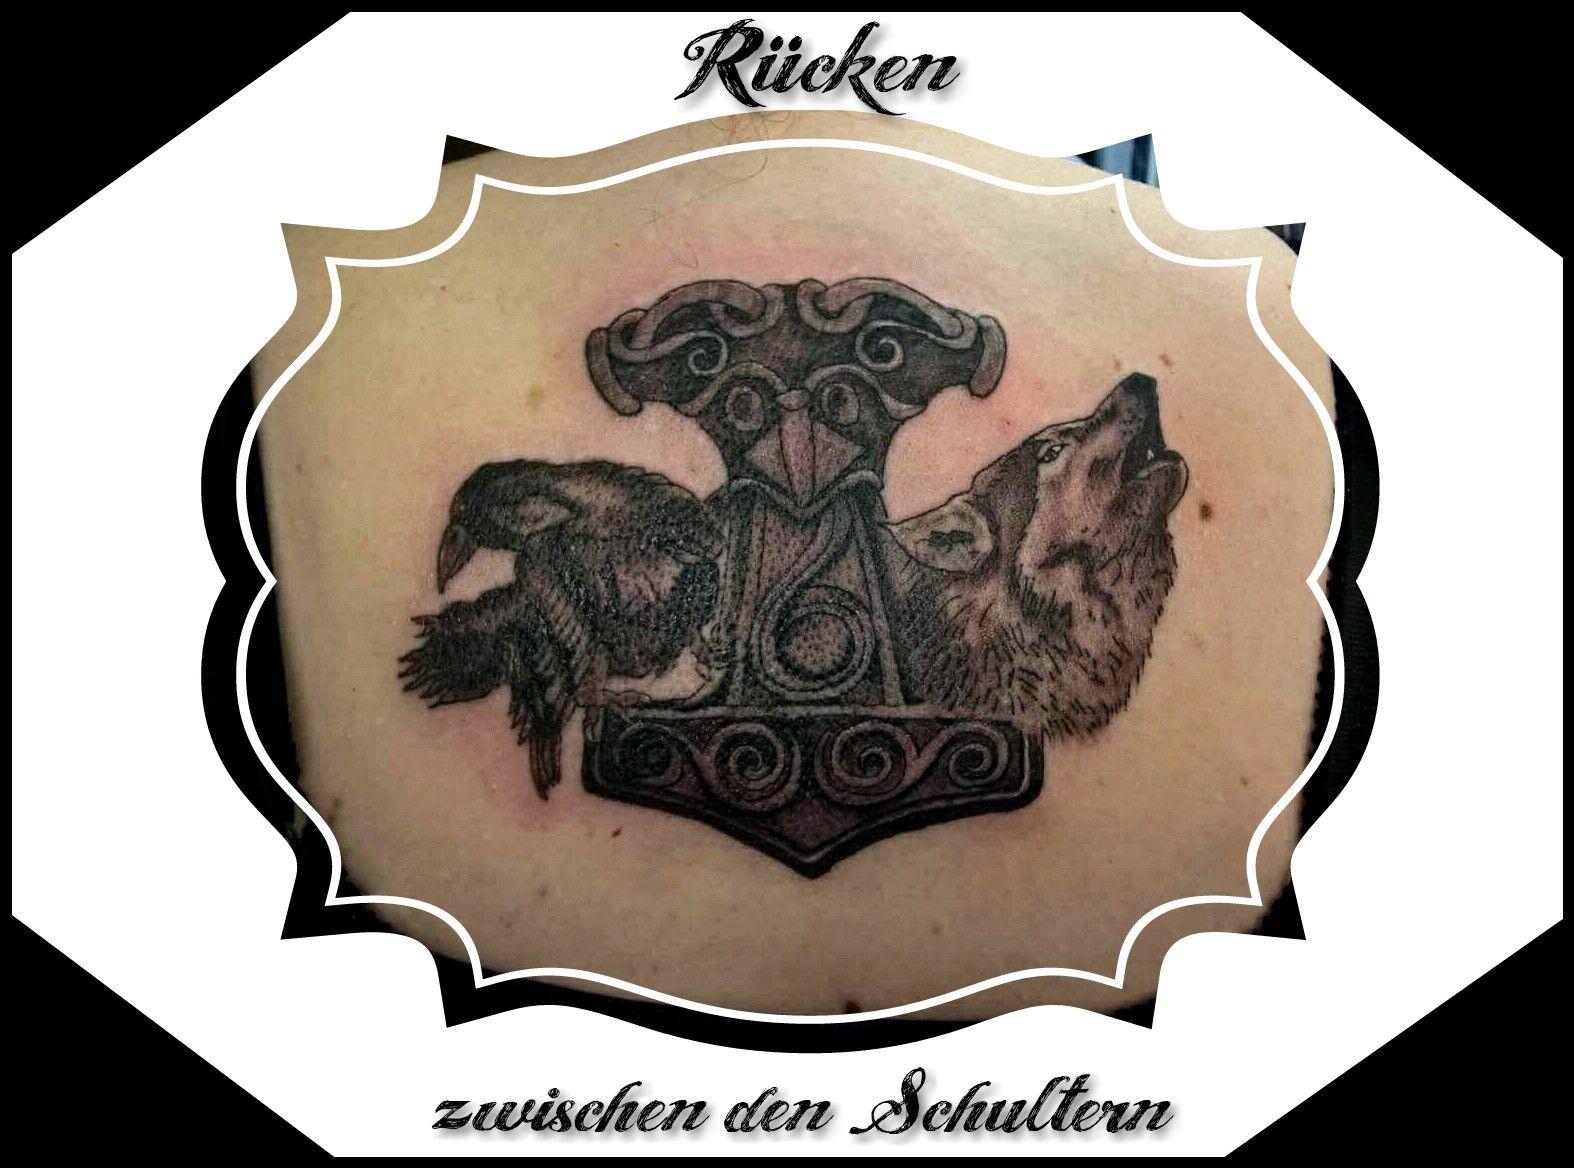 Pin von Dark Angel auf Sweet&Painful Tattoo Studio/Bad